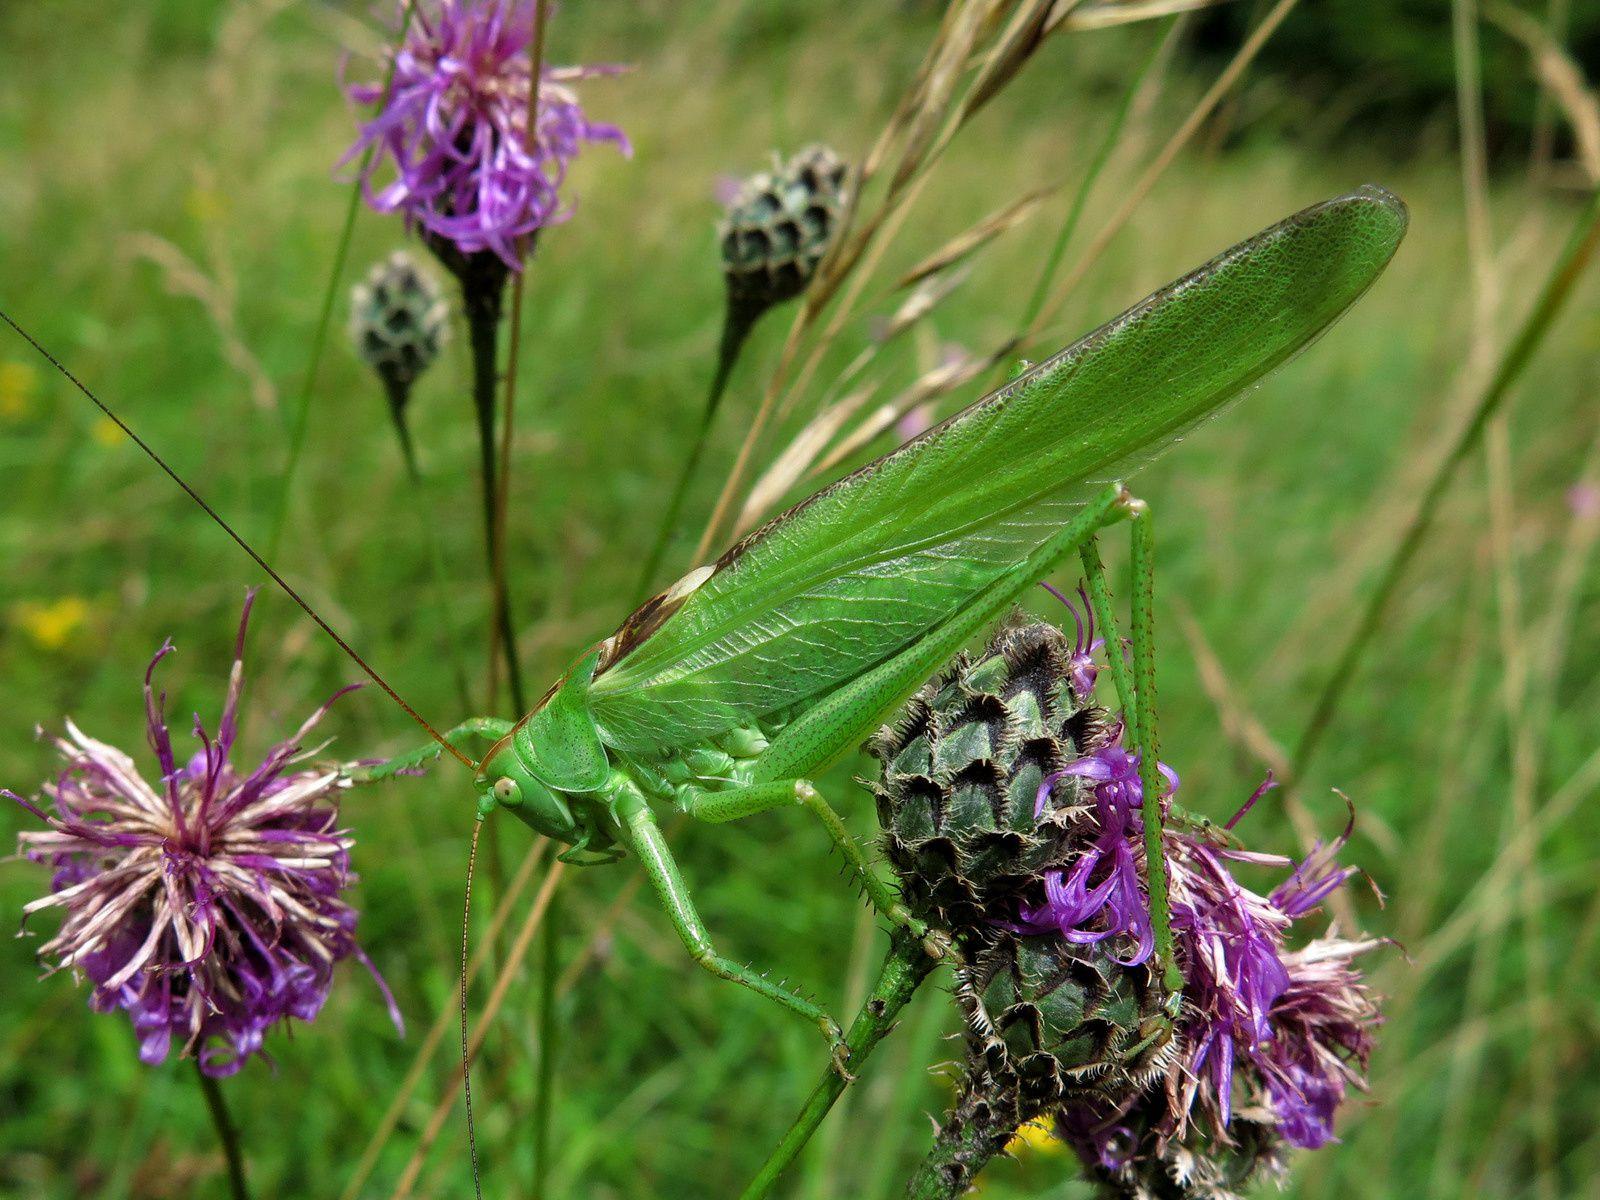 La grande sauterelle verte (Tettigonia viridissima)